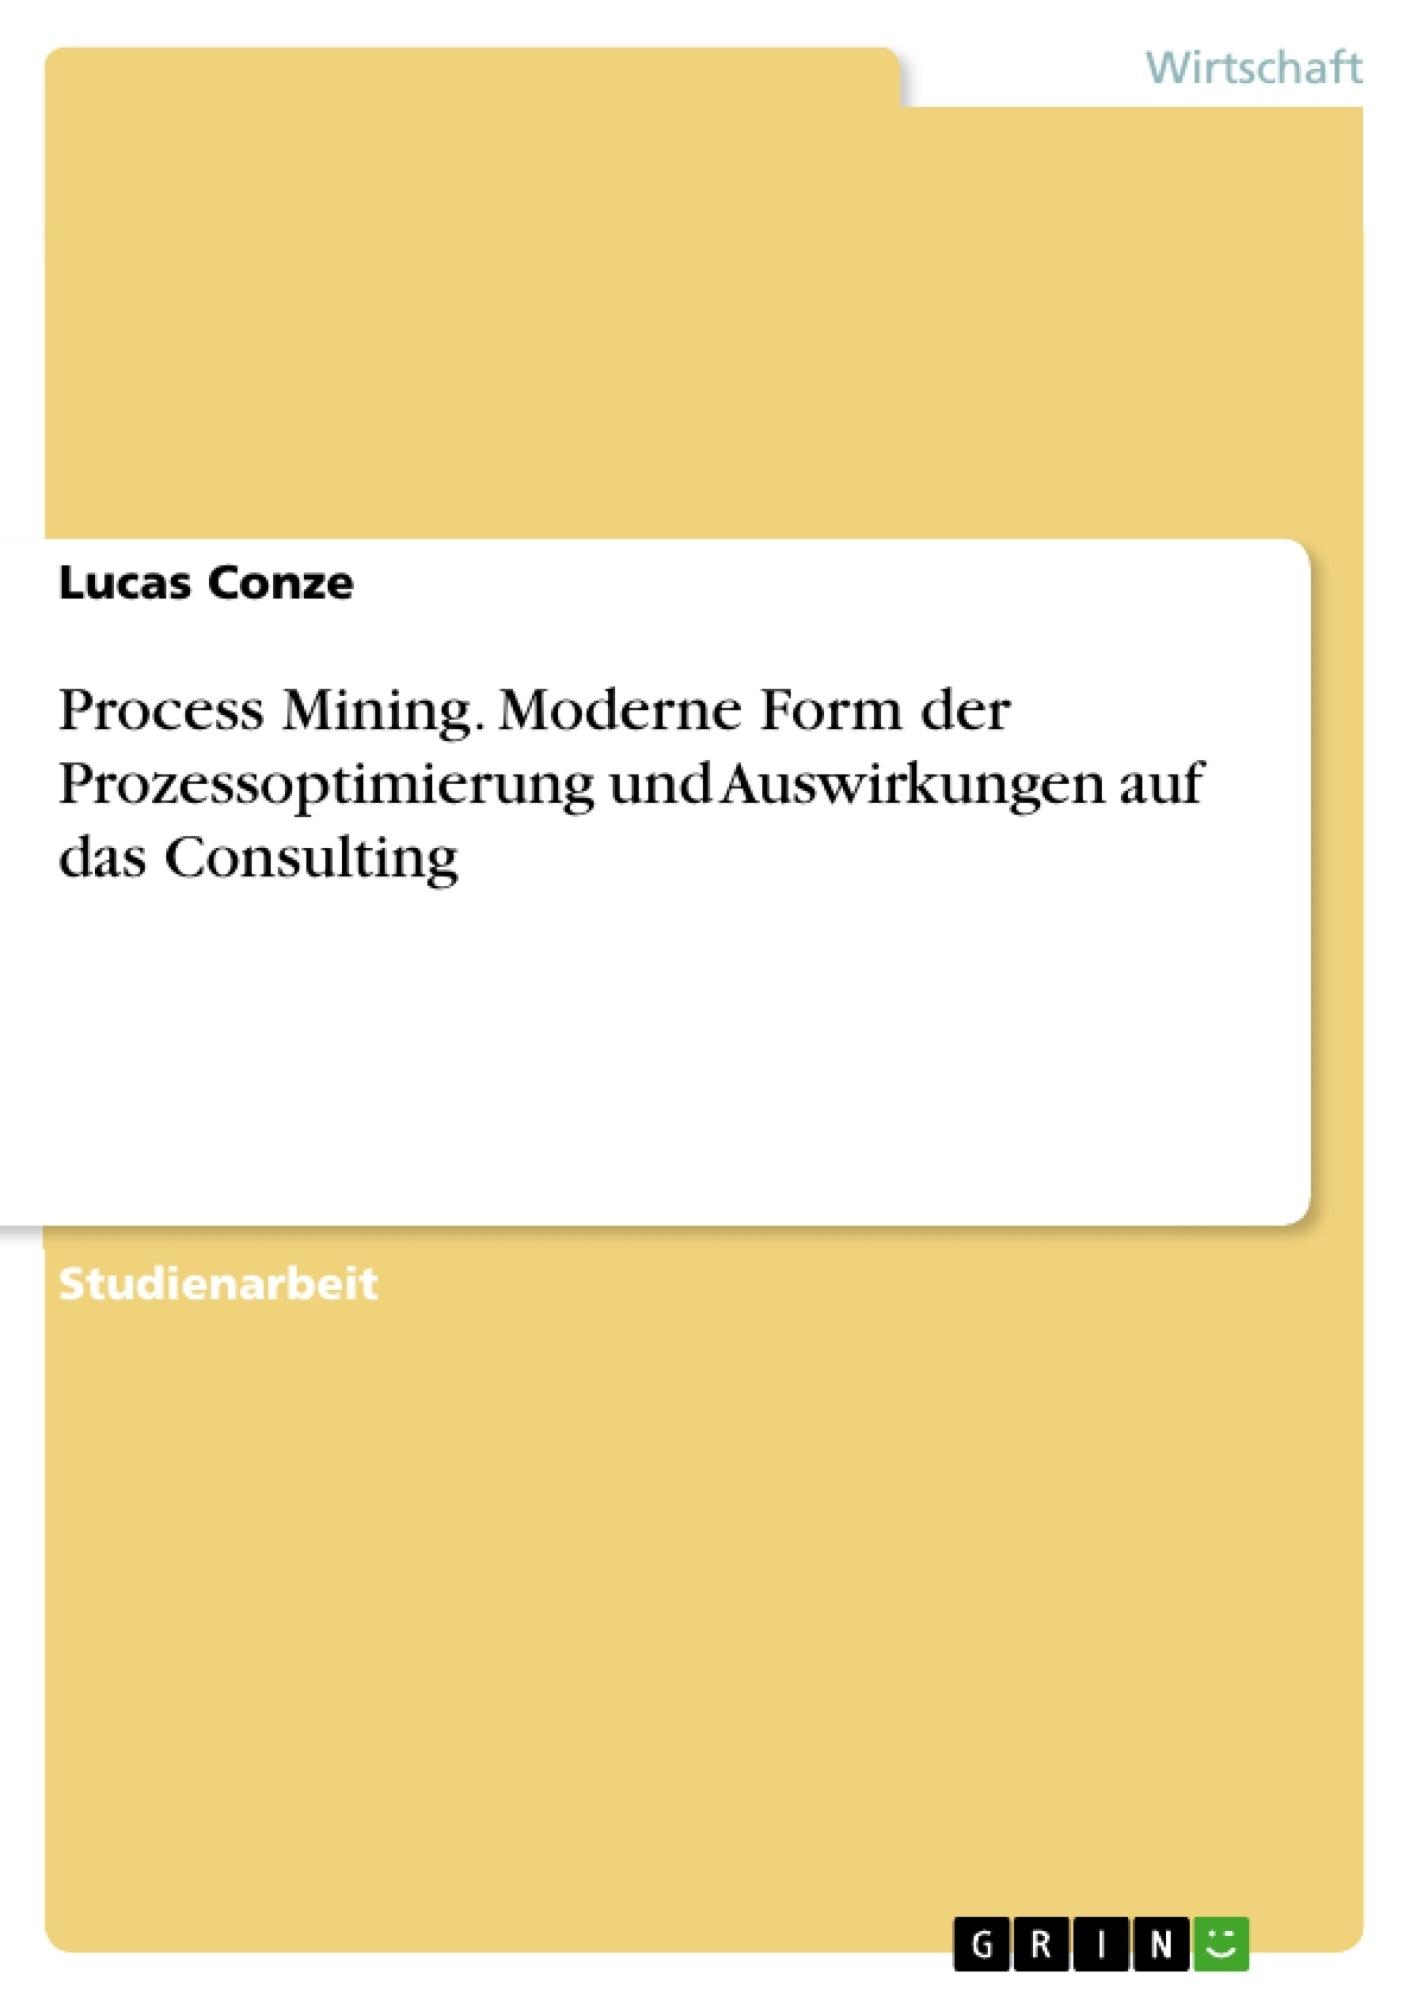 Titel: Process Mining. Moderne Form der Prozessoptimierung und Auswirkungen auf das Consulting